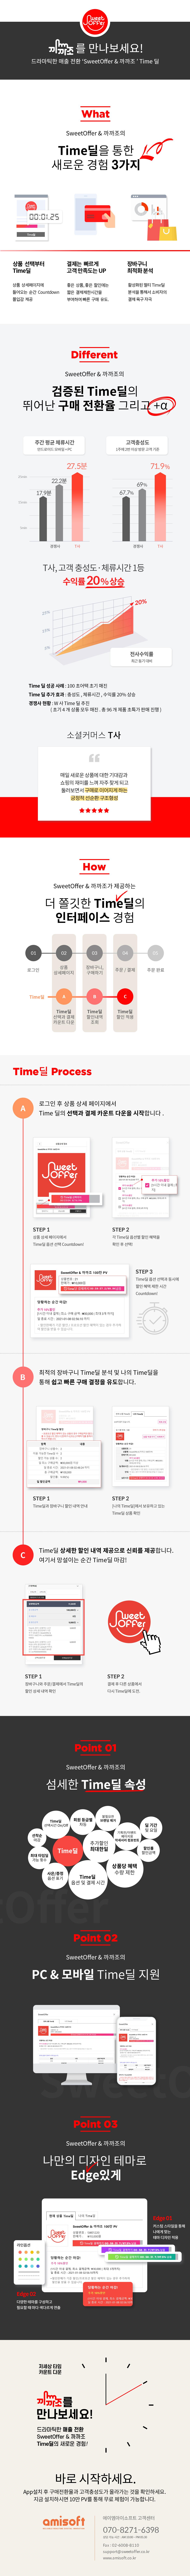 에이엠아이소프트 | amisoft - SweetOffer 까까조 설명 - Cafe24 앱스토어